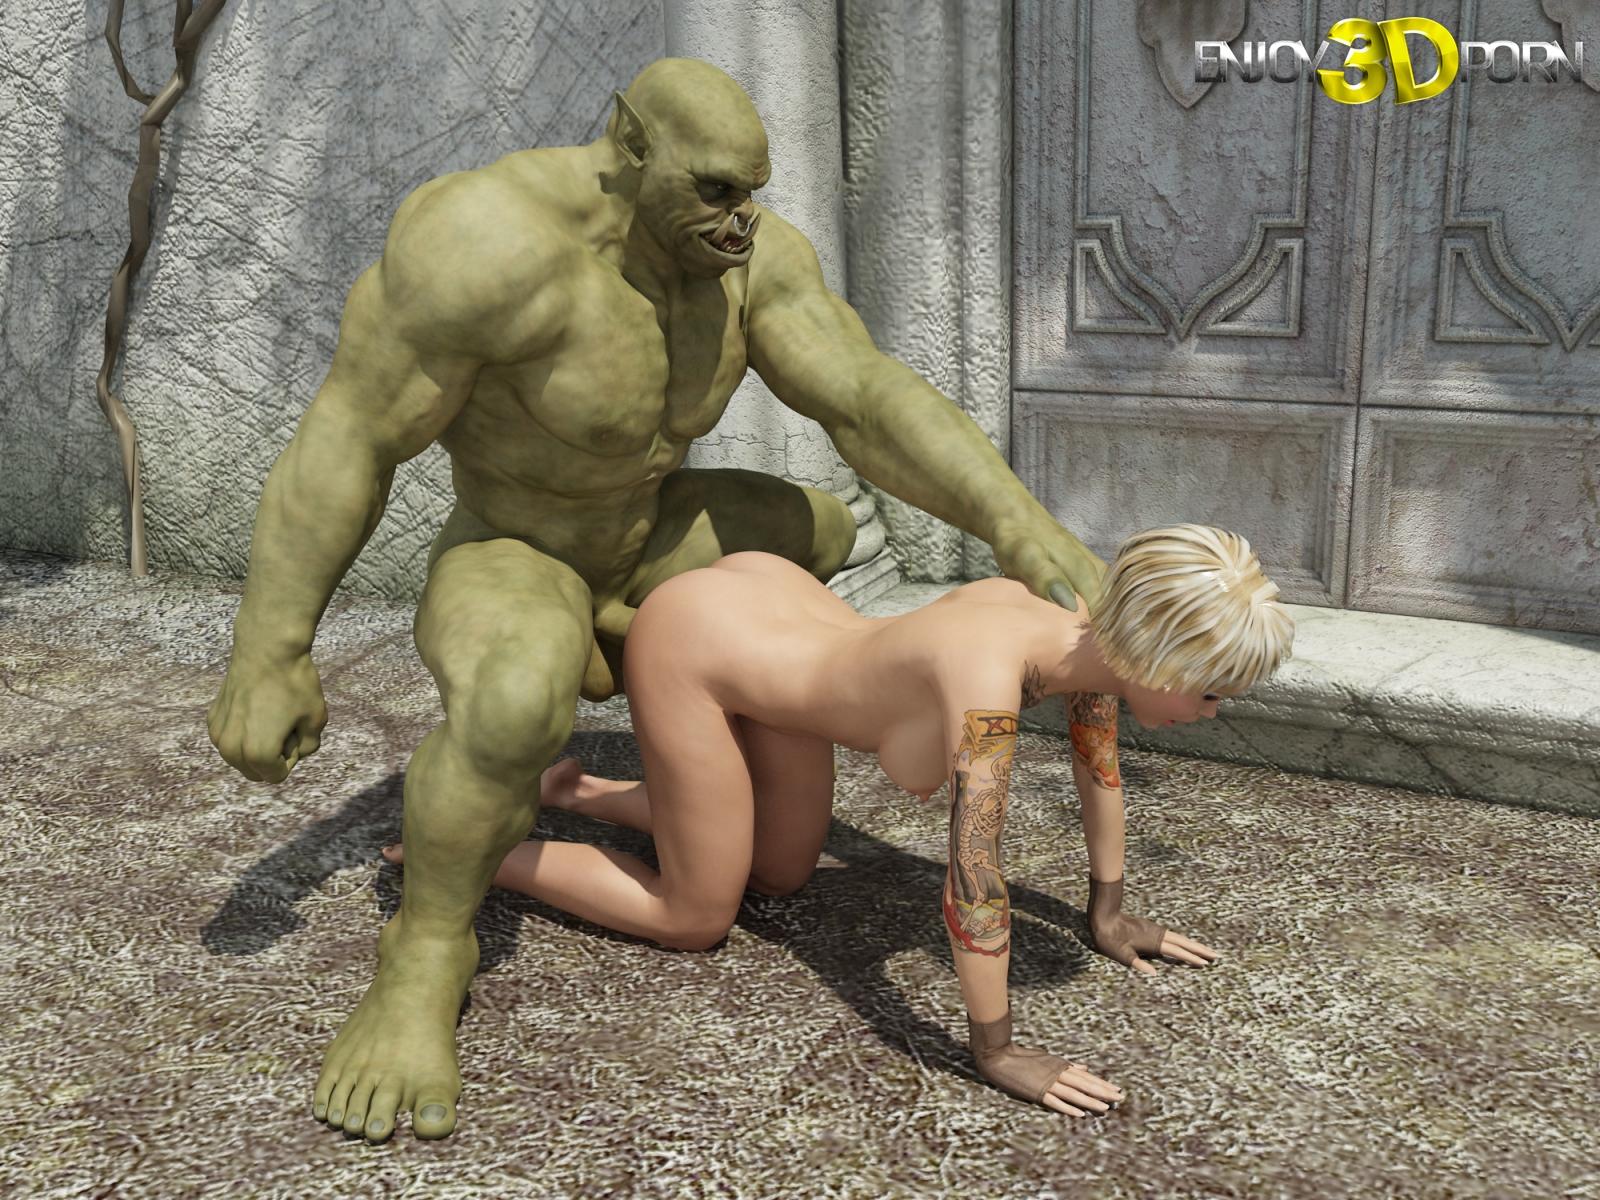 Хуй мутант онлайн, Чернобыльский мужик-мутант натягивает на свою 22 фотография